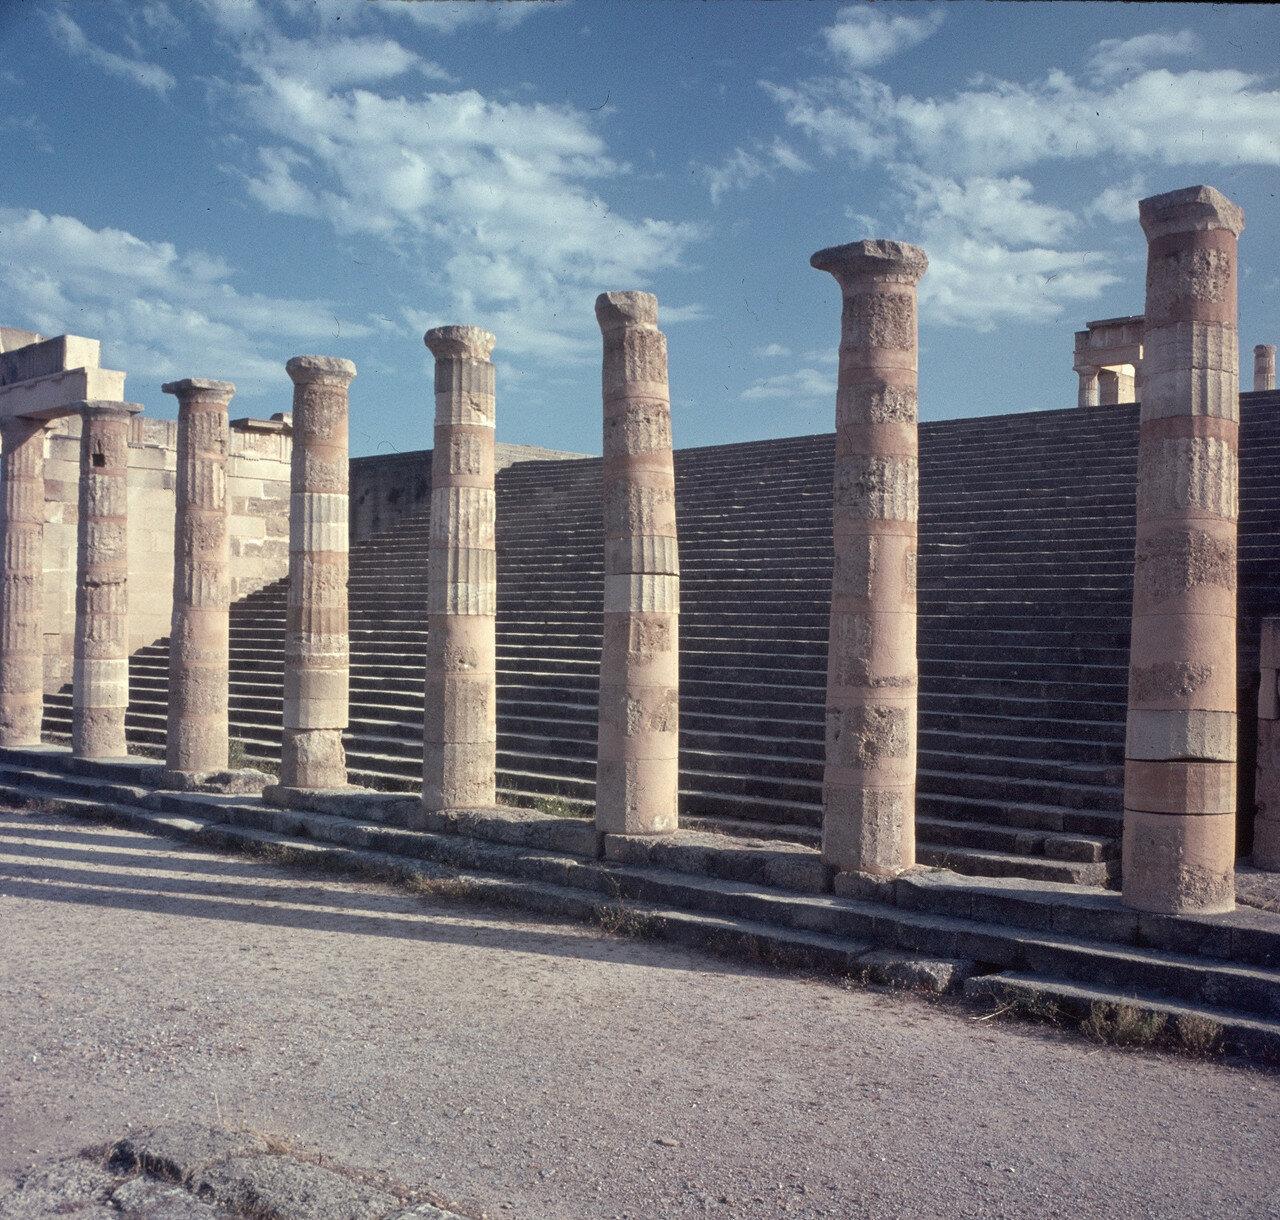 Родос. Линдос. Акрополь. Портик Пропилей. 200 г. до н.э.